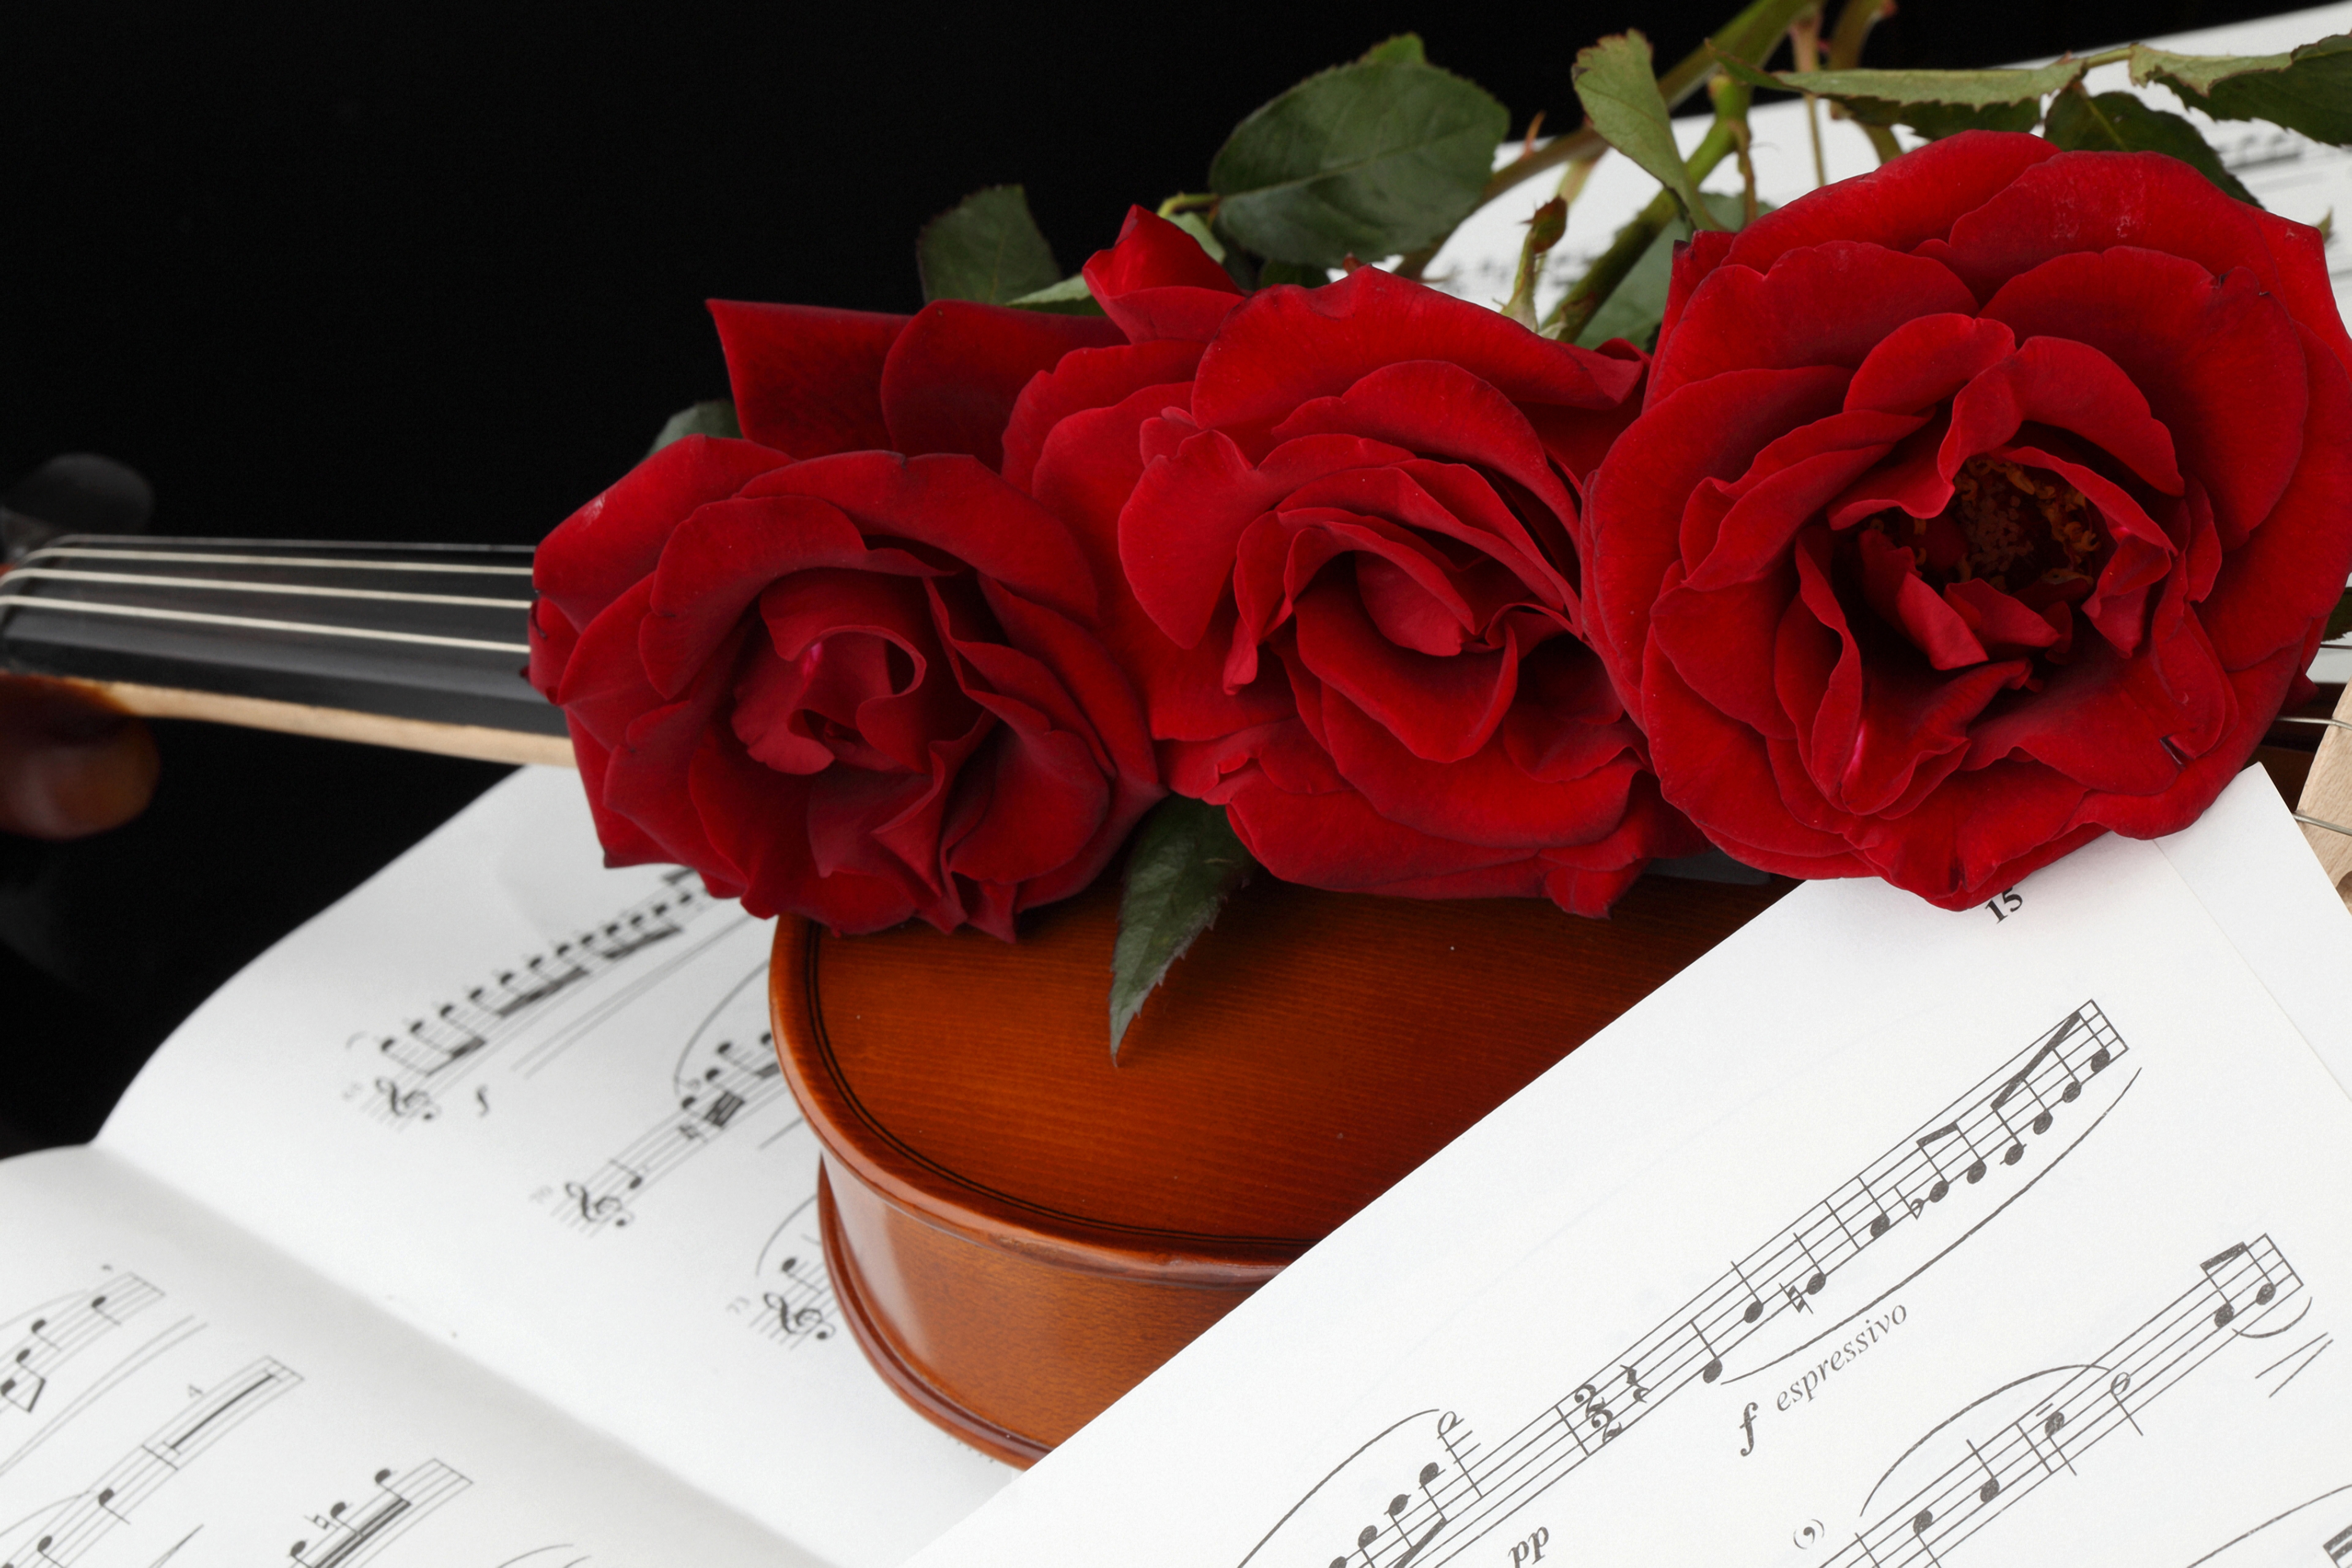 Фотографии Ноты Розы бордовые цветок Трое 3 4500x3000 роза Бордовый бордовая темно красный Цветы три втроем